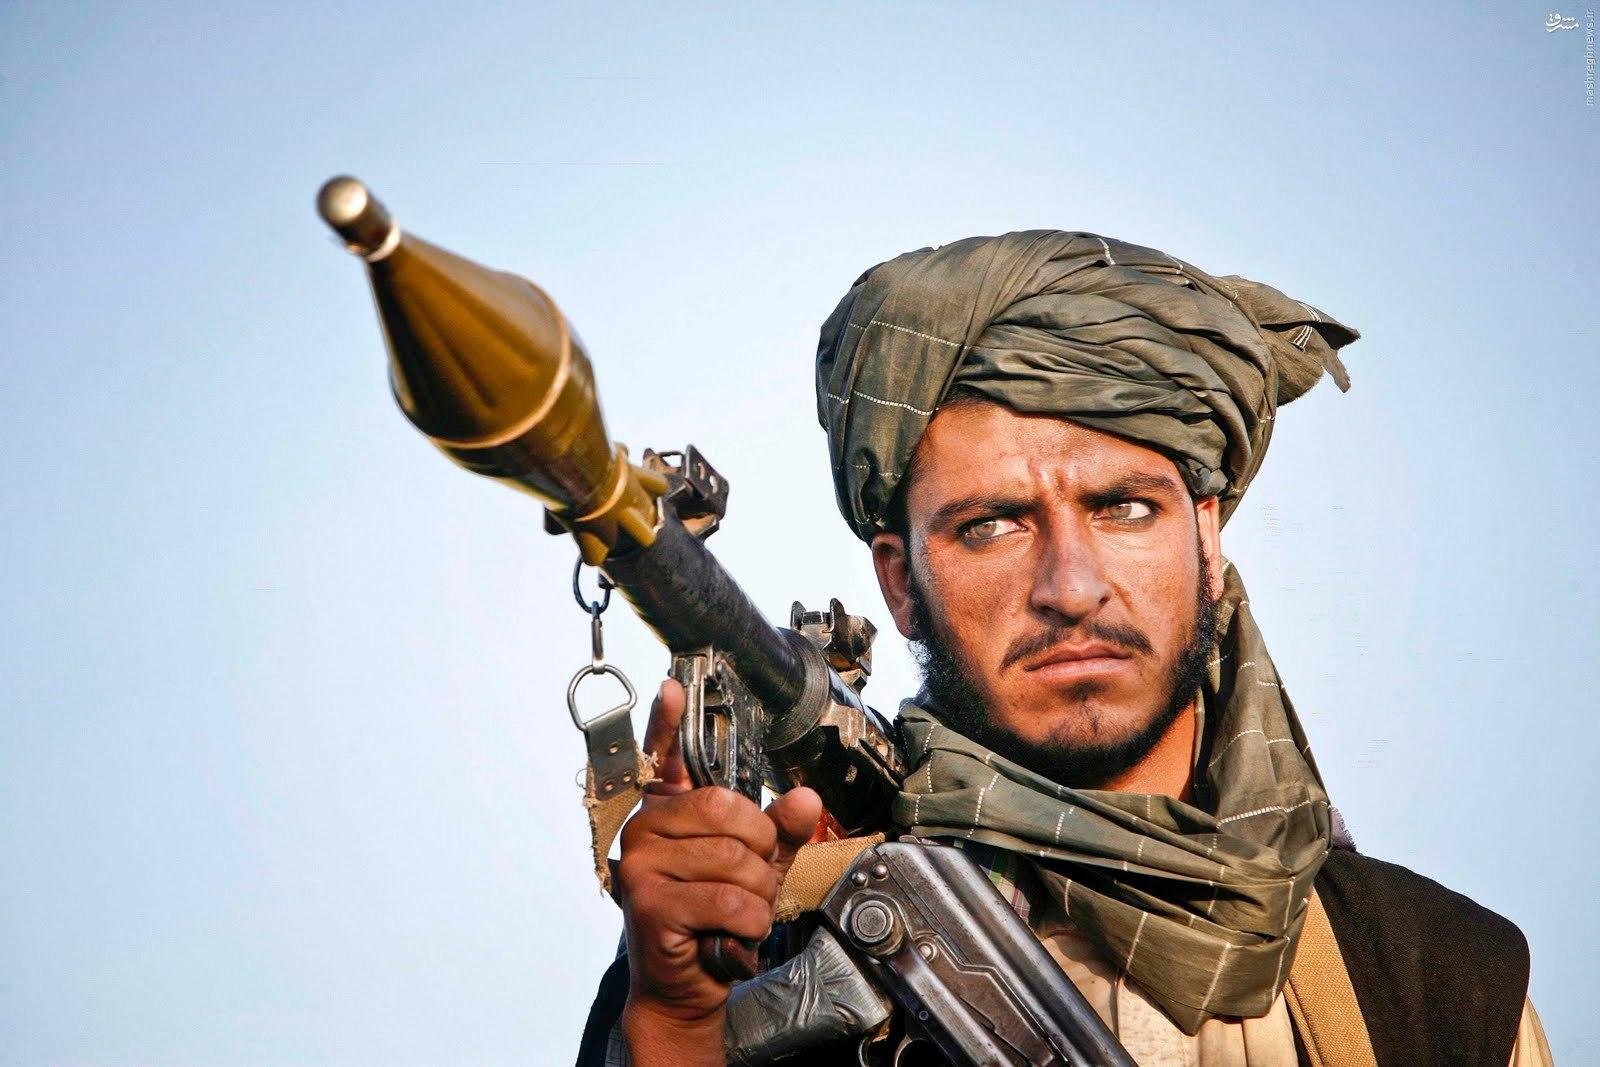 داعش جایگزین طالبان / پیوستن طالبان به داعش در شرق افغانستان